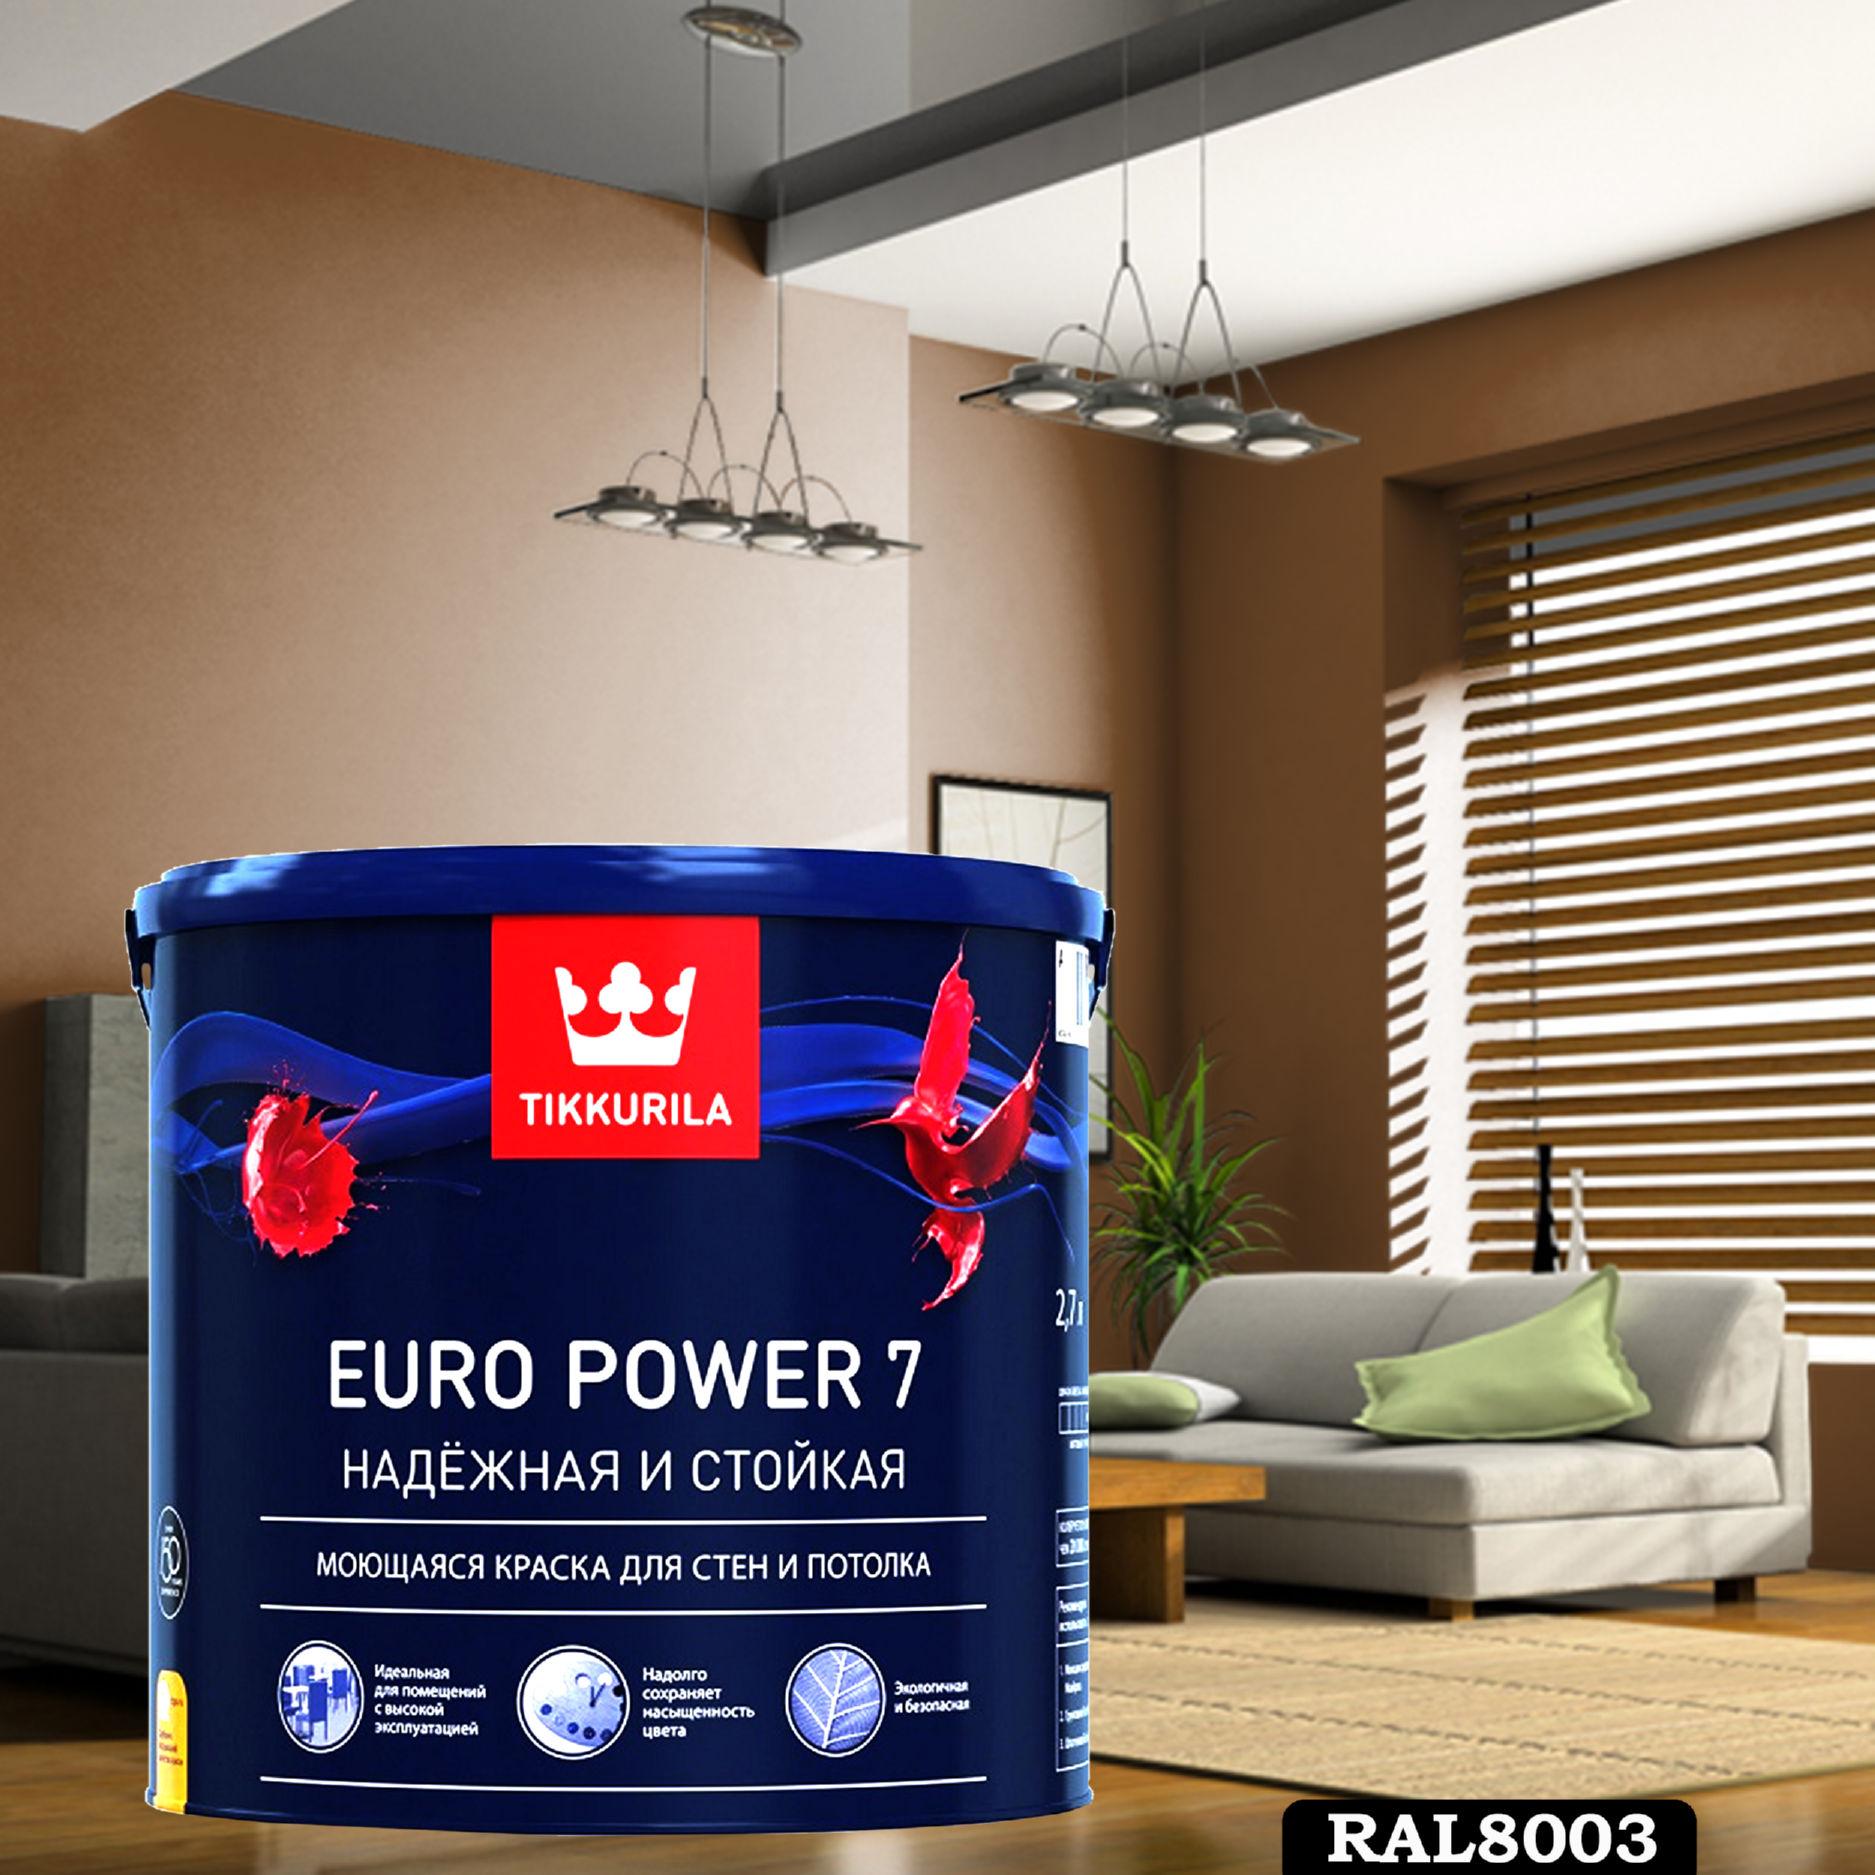 Фото 4 - Краска TIKKURILA Euro Power 7,  RAL 8003 Коричневая-глина, латексная моющаяся матовая интерьерная, 9 л.